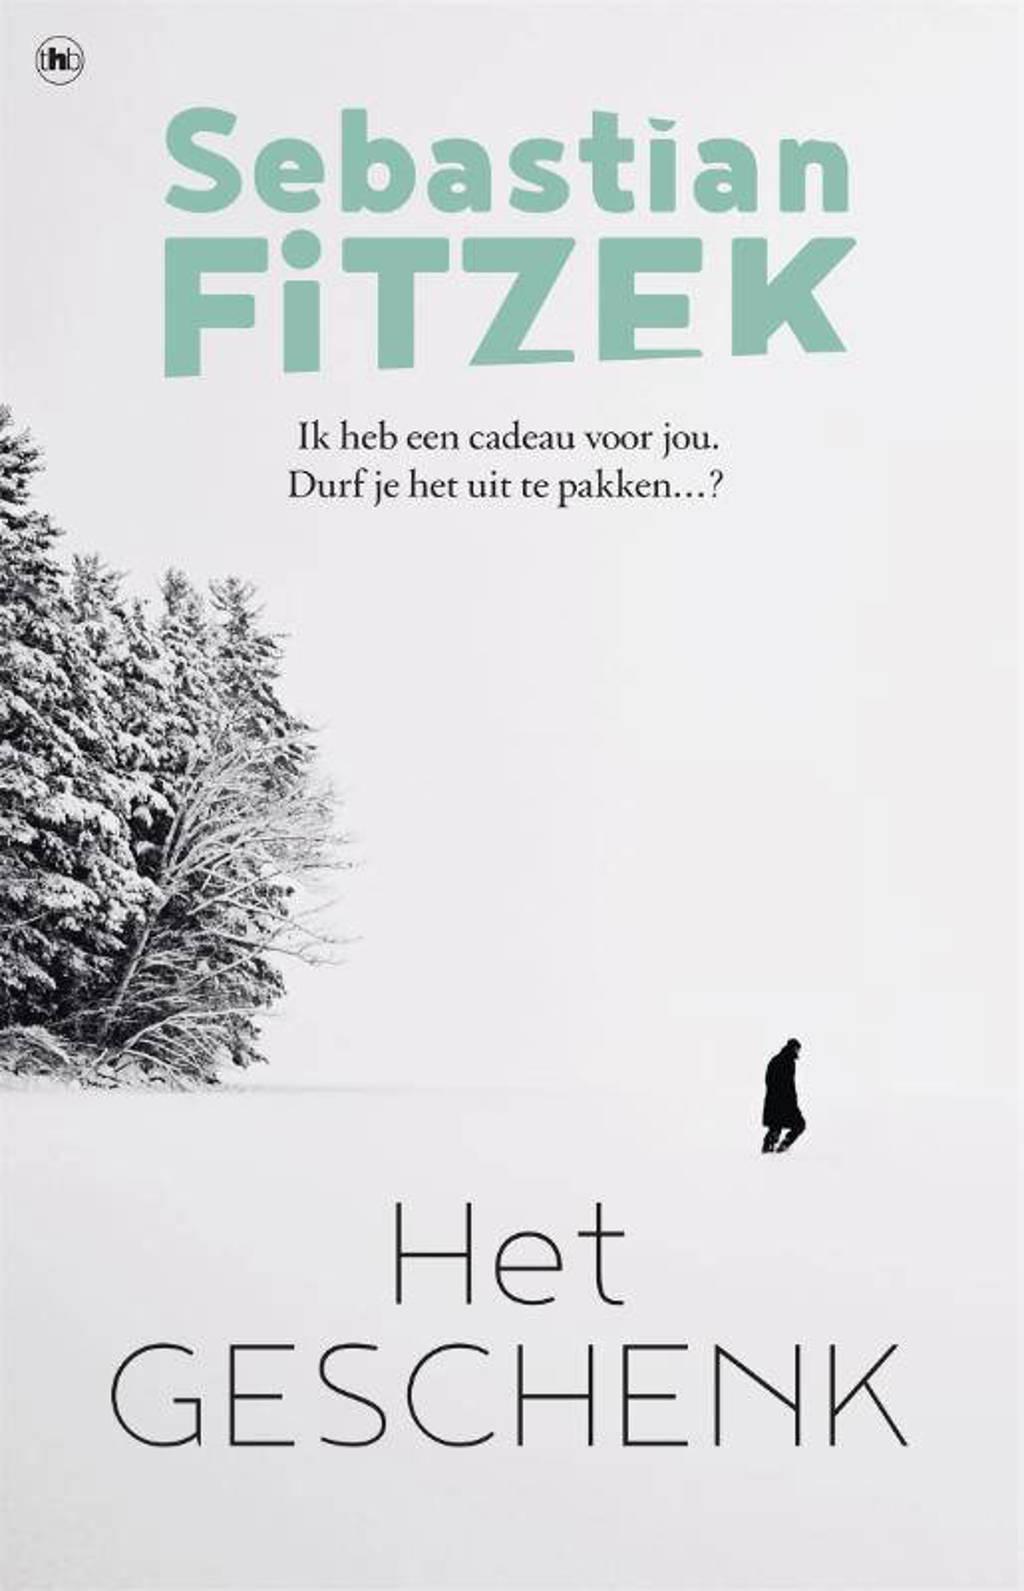 Het geschenk - Sebastian Fitzek